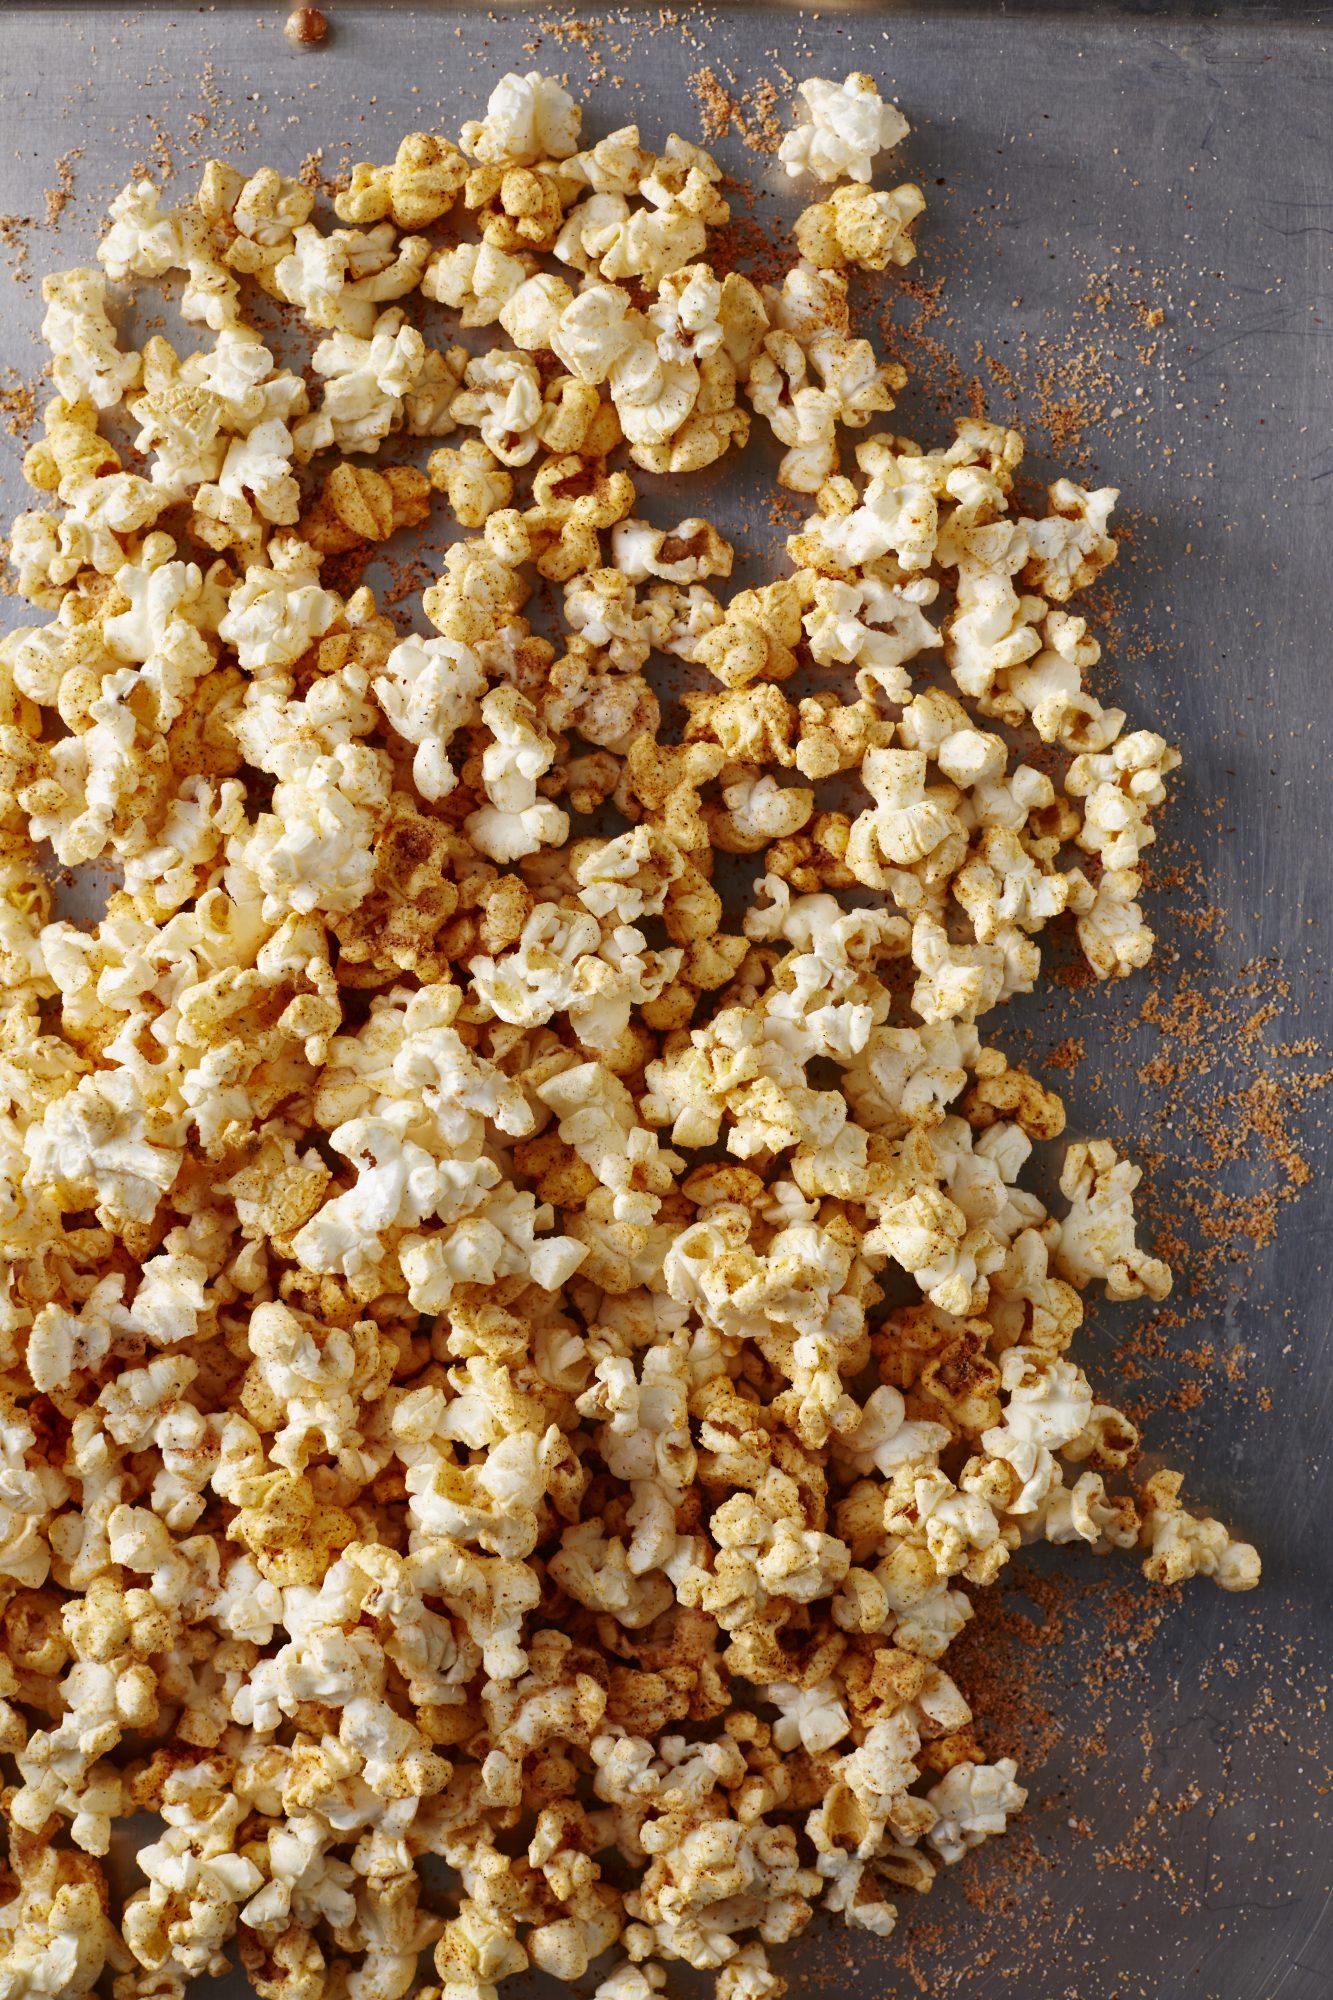 Savory Pixy Stix Popcorn Image